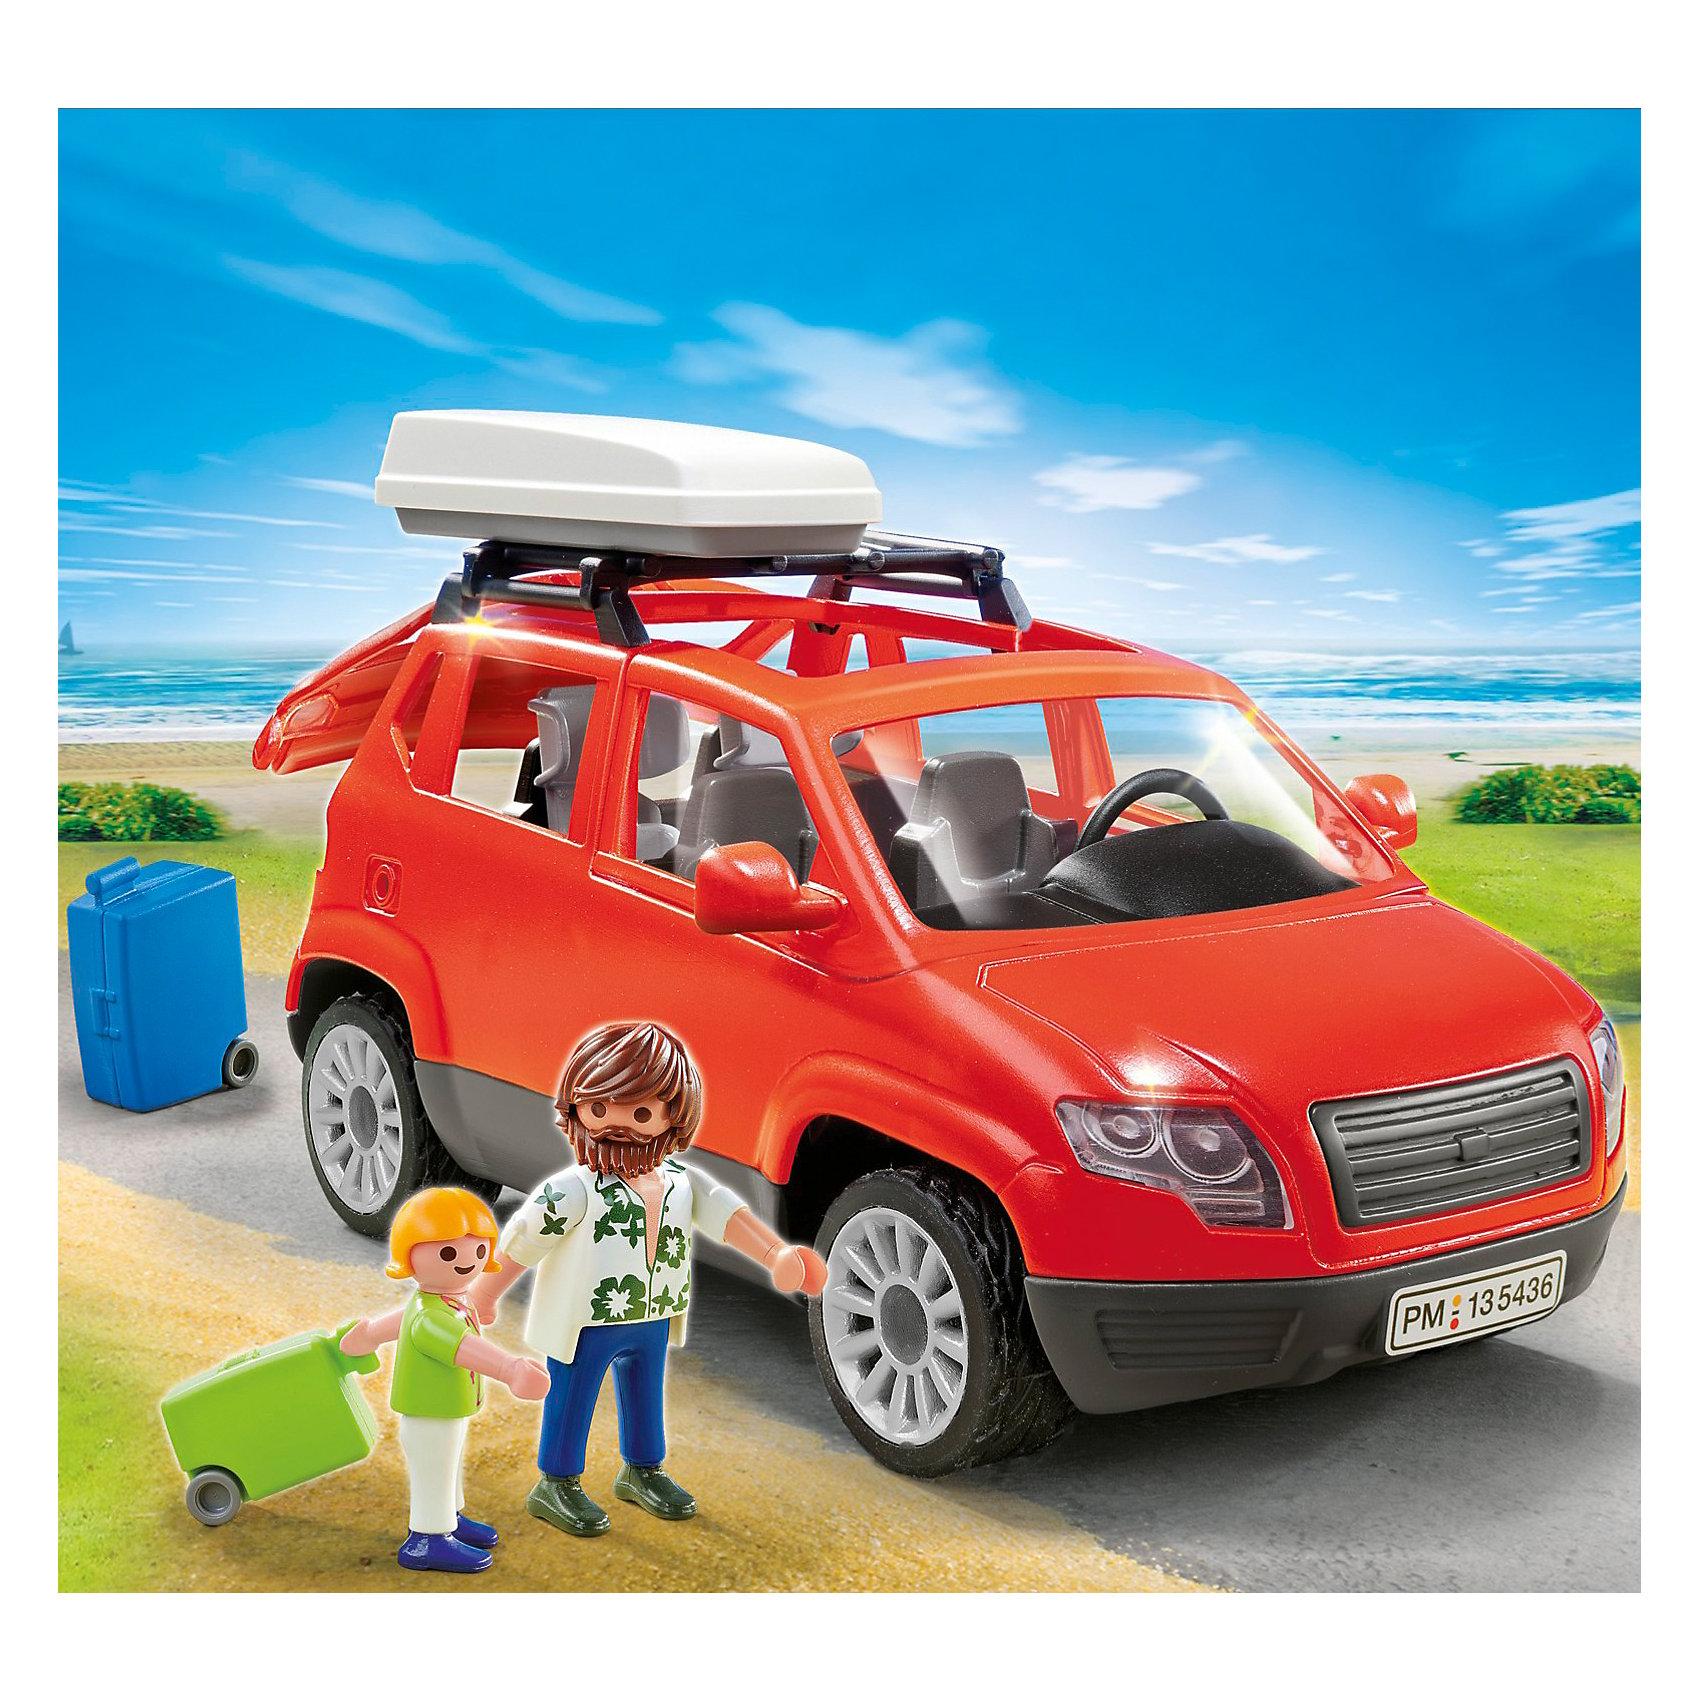 PLAYMOBIL® Каникулы: Семейный автомобиль, PLAYMOBIL playmobil® playmobil 5546 парк развлечений продавец шаров smileyworld